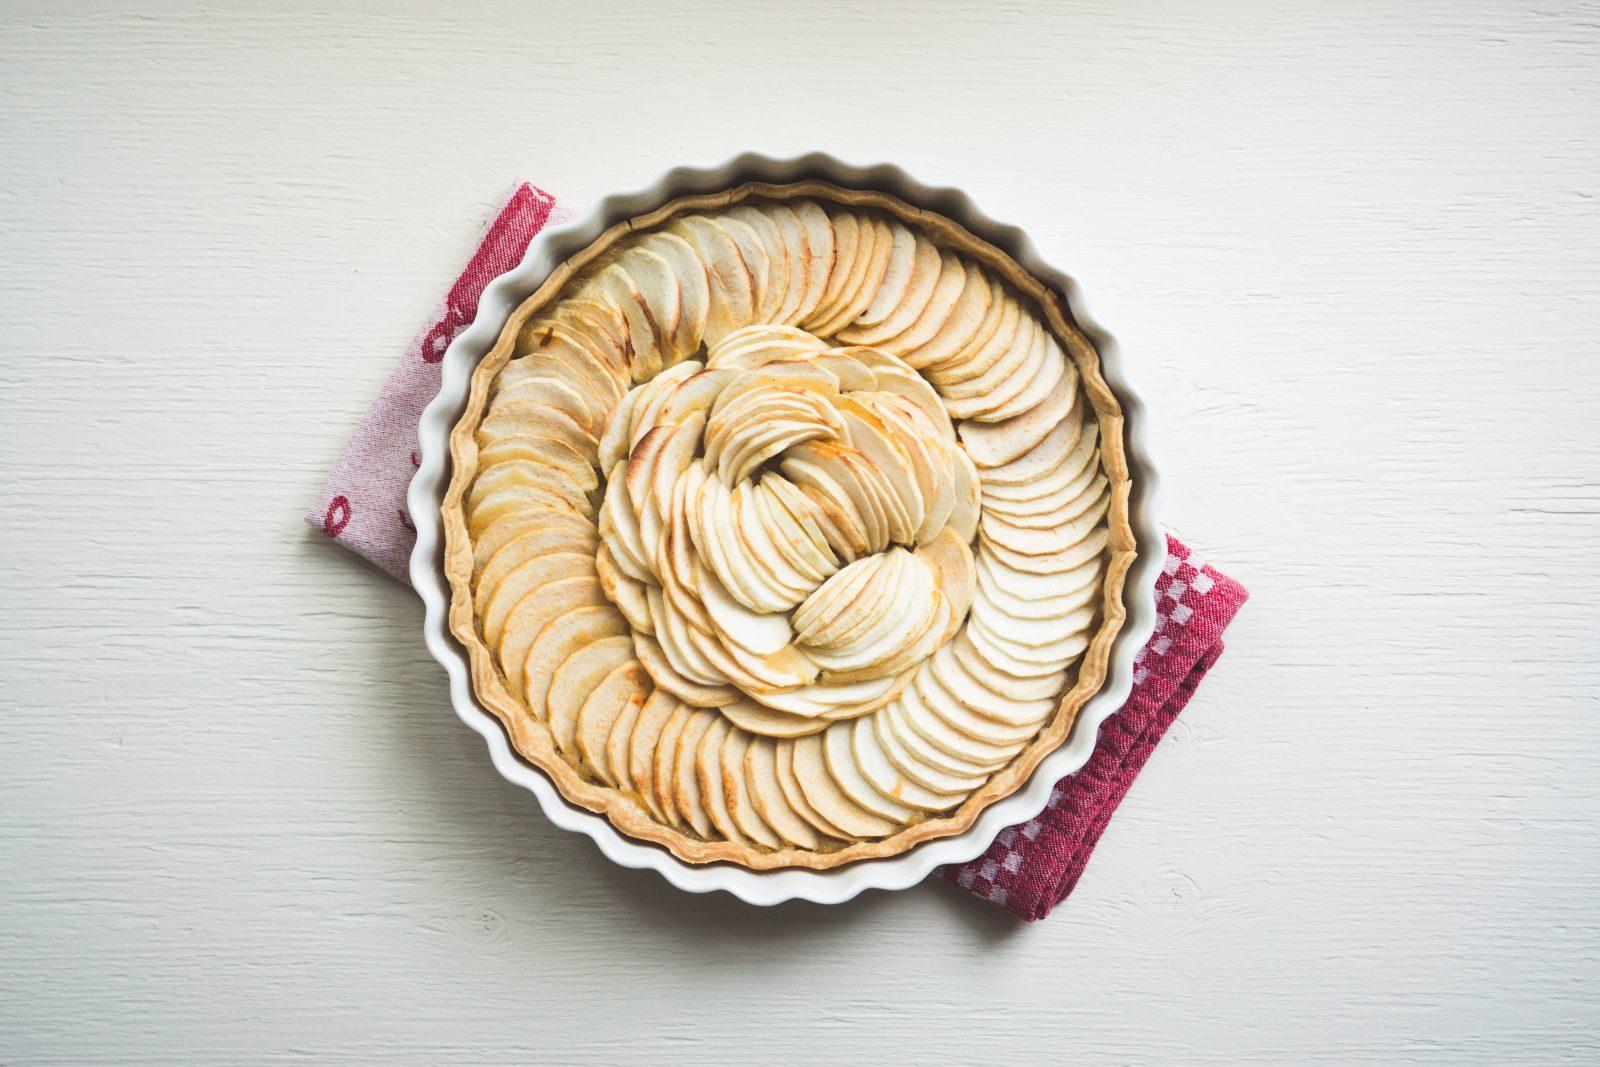 Recette de la tarte aux pommes revisitée